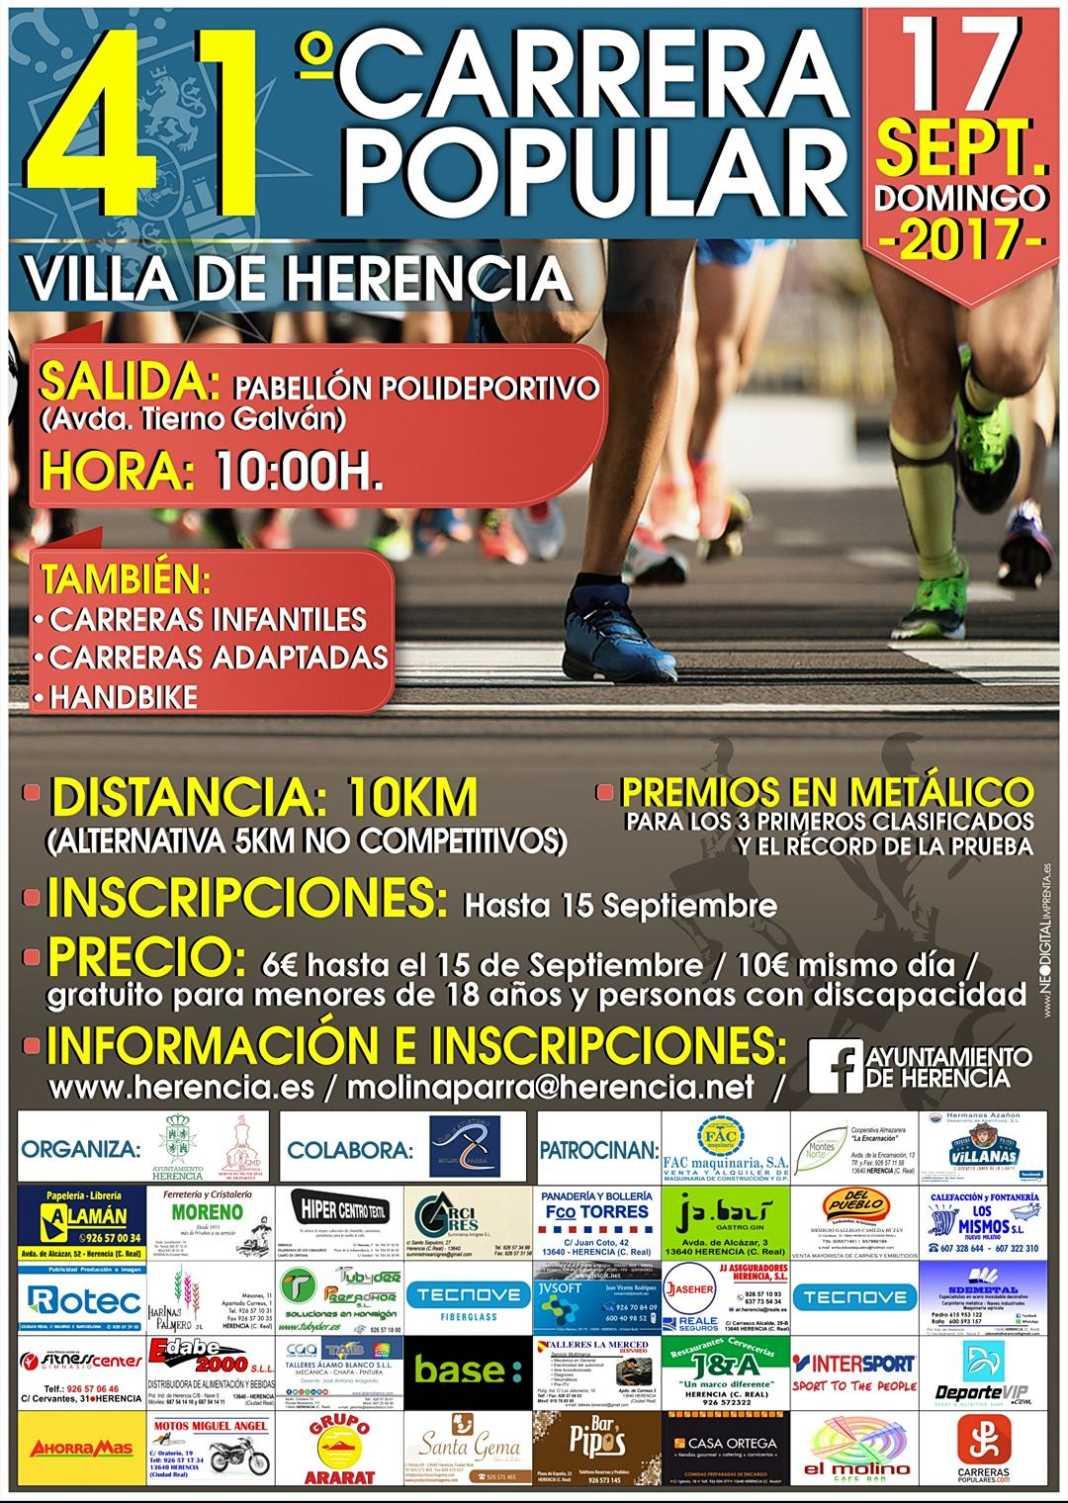 """41 carrera popular villa de herencia 1068x1503 - Abierto el plazo de inscripción para la 41 Carrera Popular """"Villa de Herencia"""""""